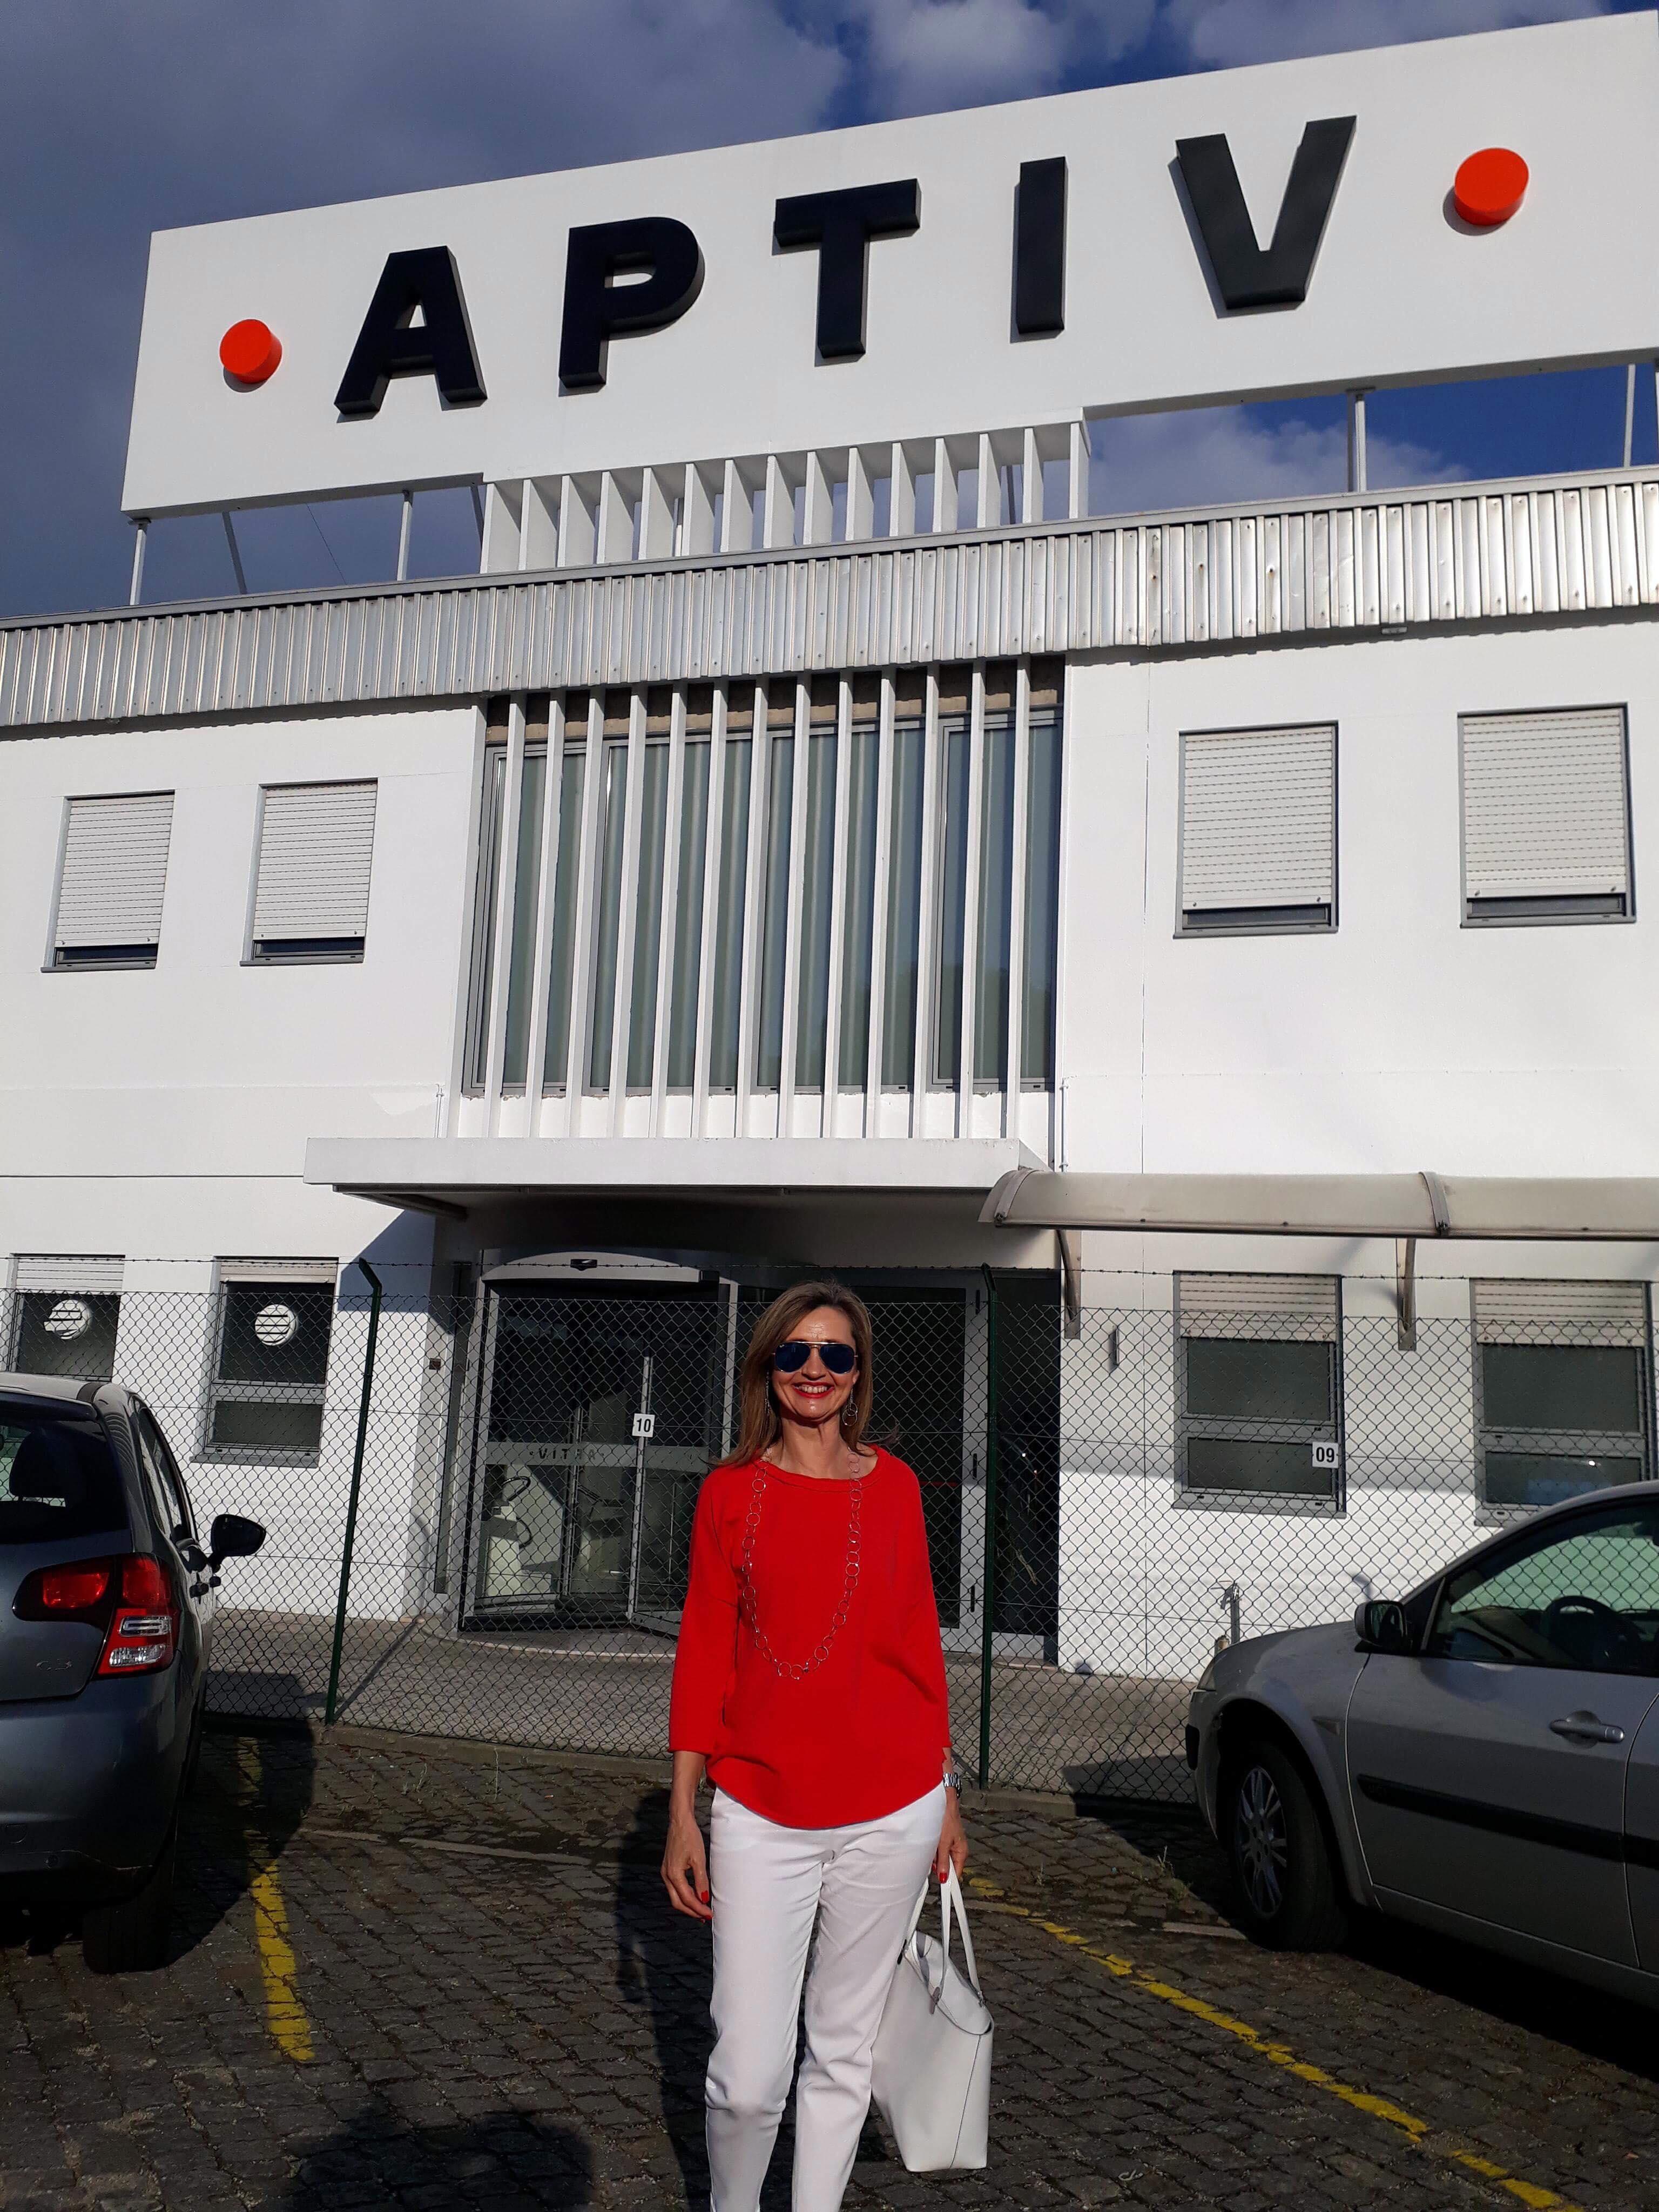 Visita Estudo  Delphi - APTIV 26-05-2018